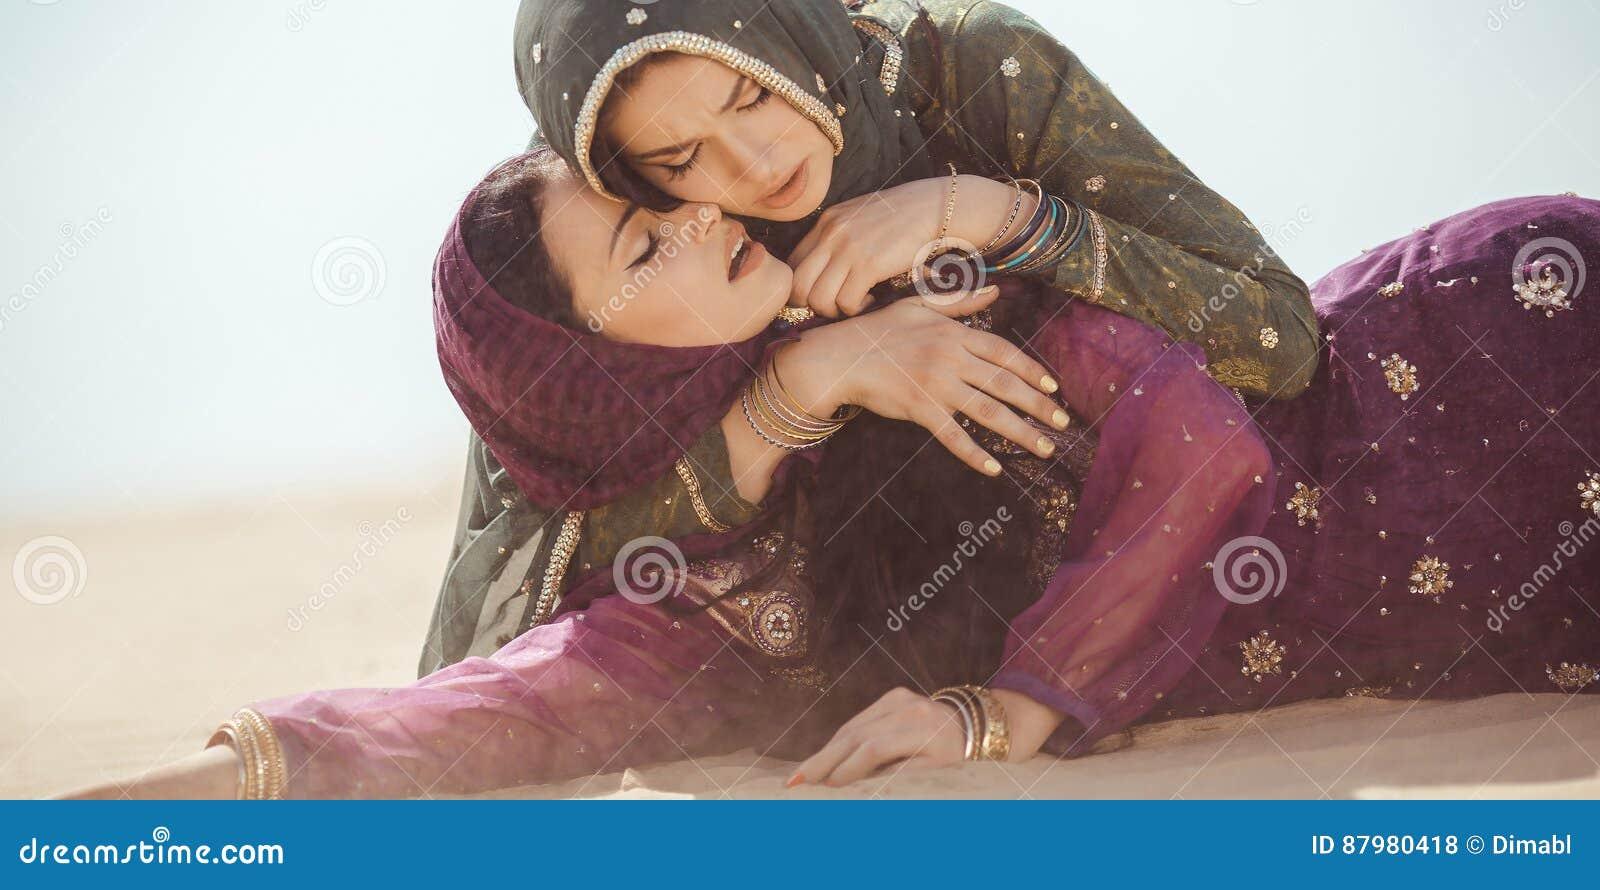 Kobiety spragnione w pustyni Nieprzewidziane okoliczność podczas podróży